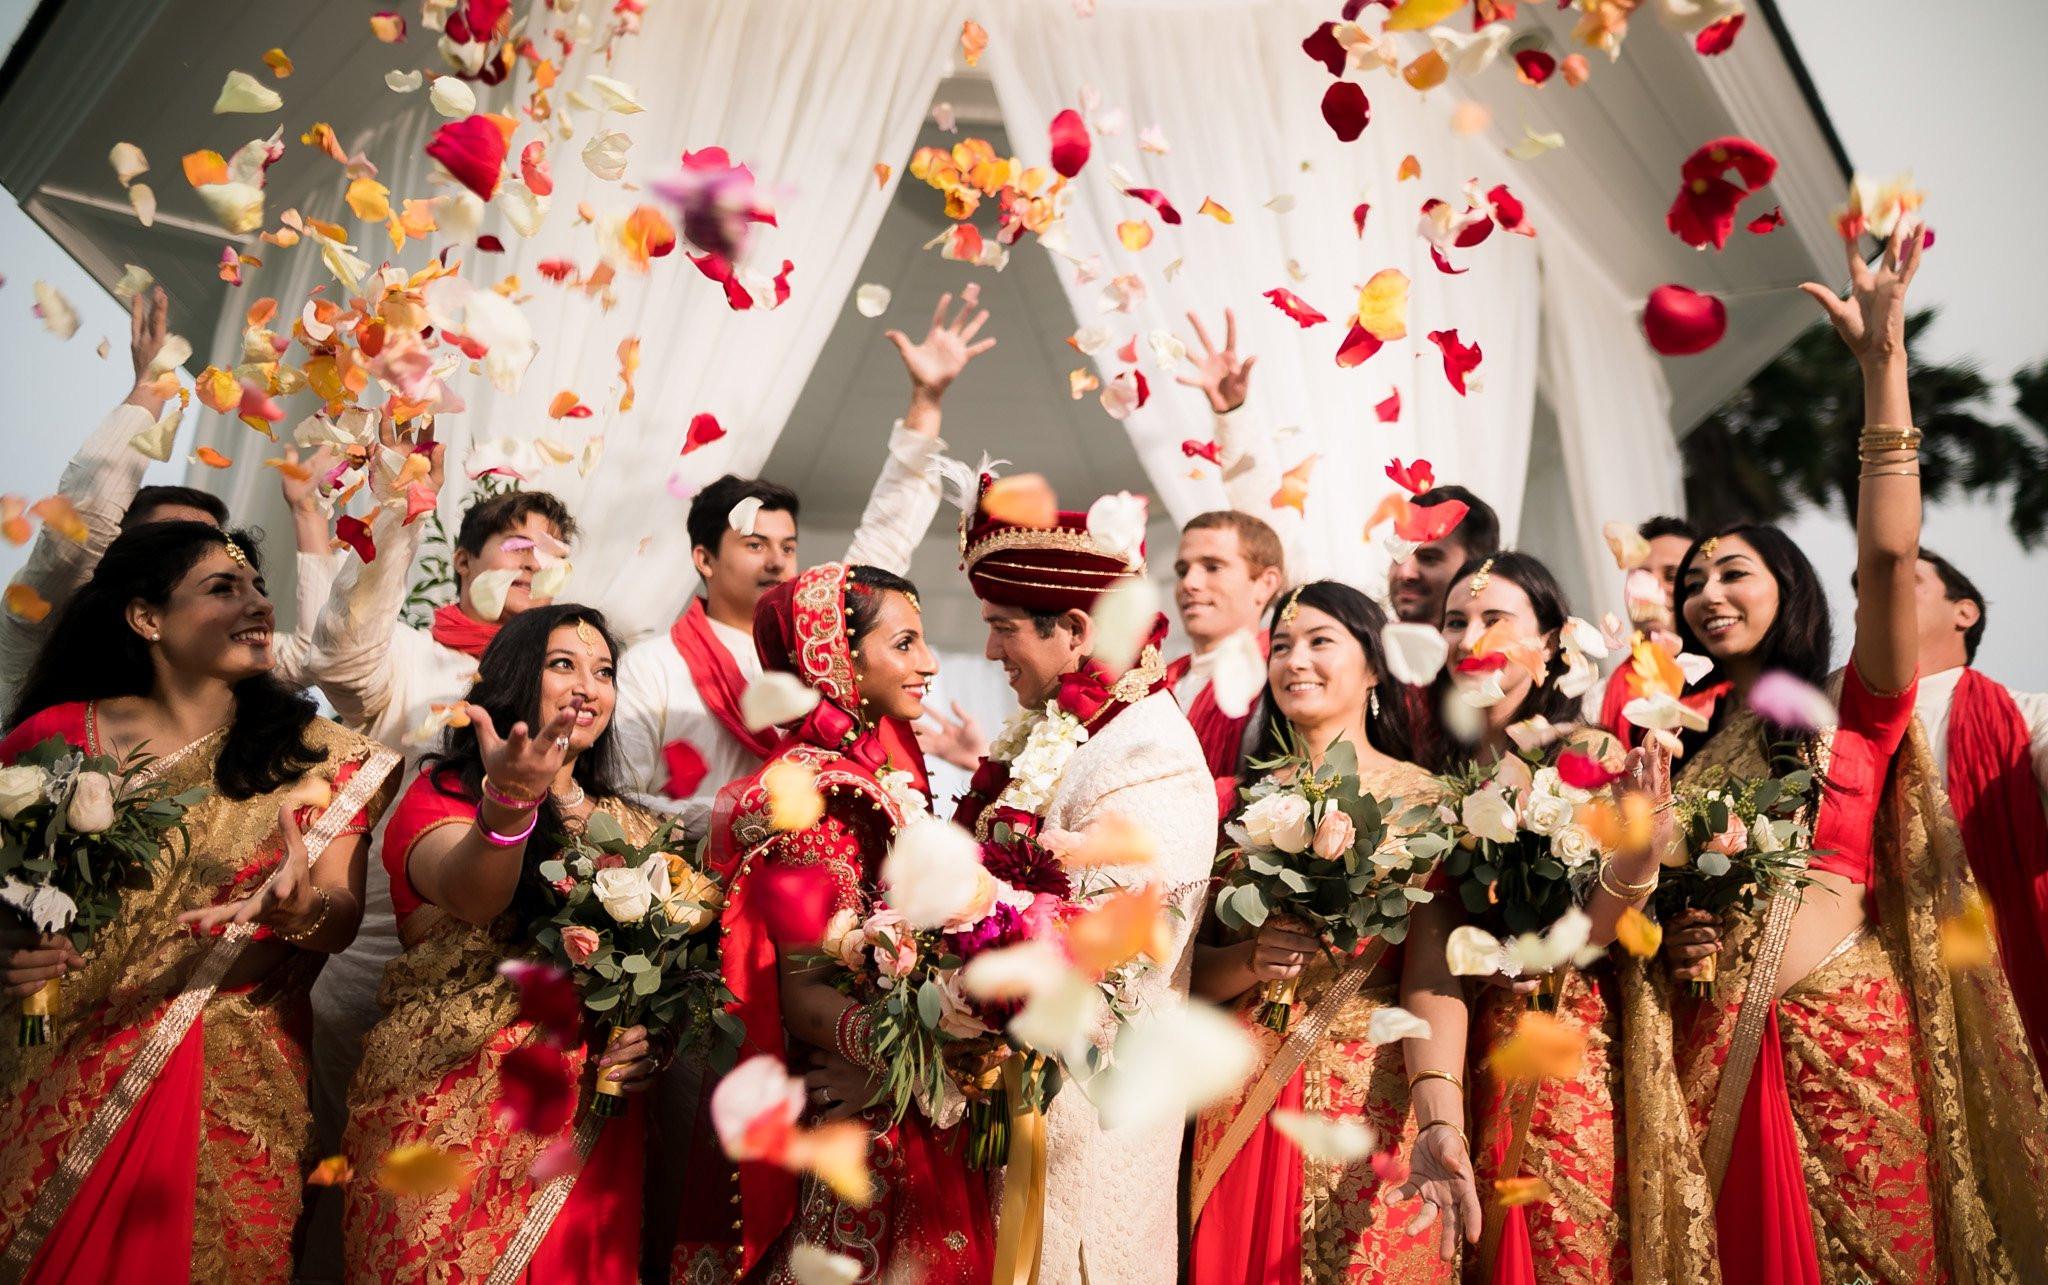 Religious & Non-Religious Weddings